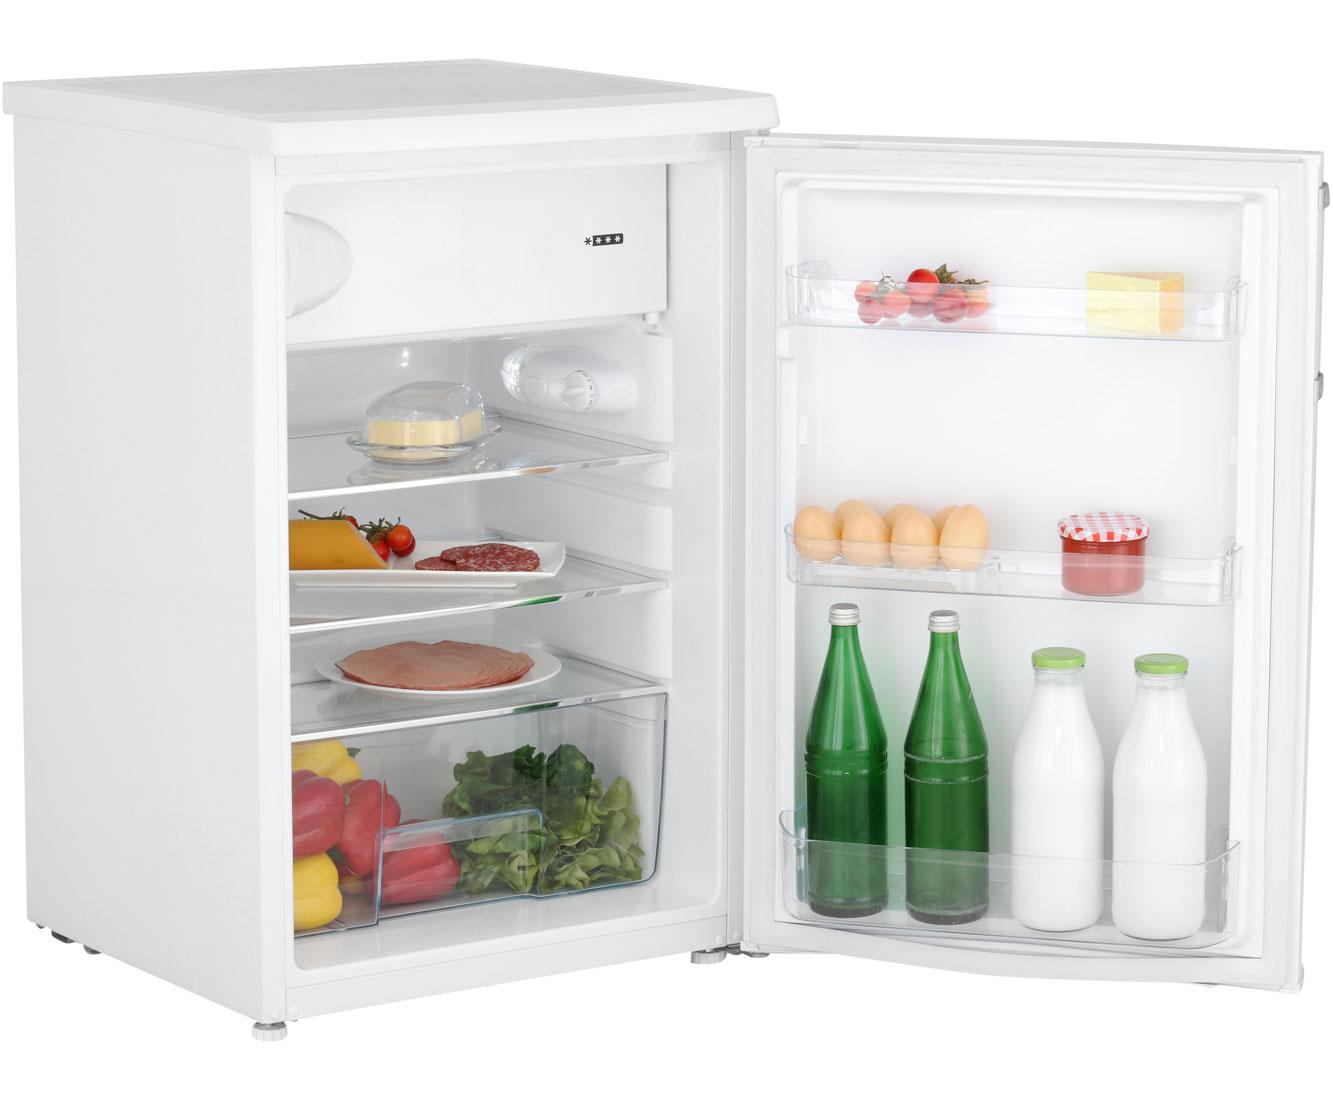 Kleiner Kühlschrank Gebraucht : Kleiner kühlschrank bomann vs für kleiner kühlschrank